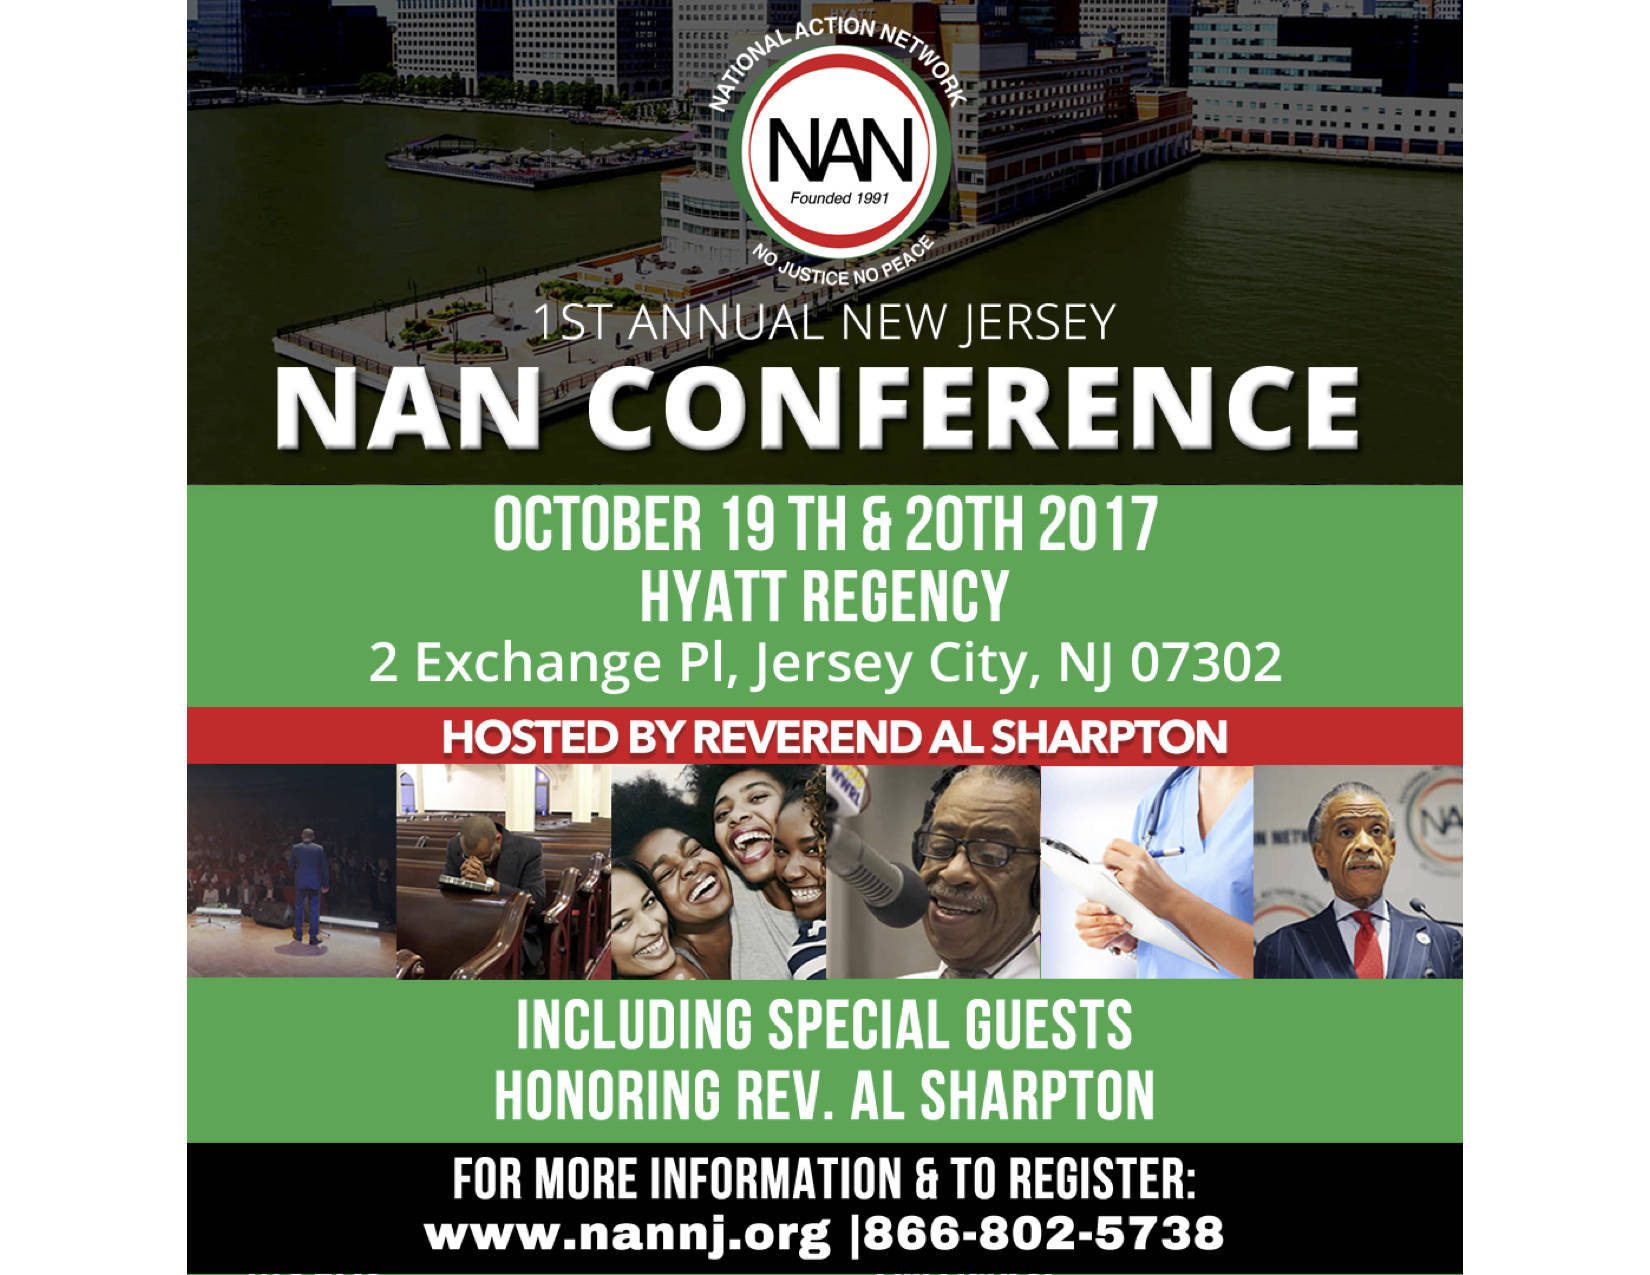 84883c9329464d8b4017_NAN-NJ-EVENT-2017.fw_copy.jpg